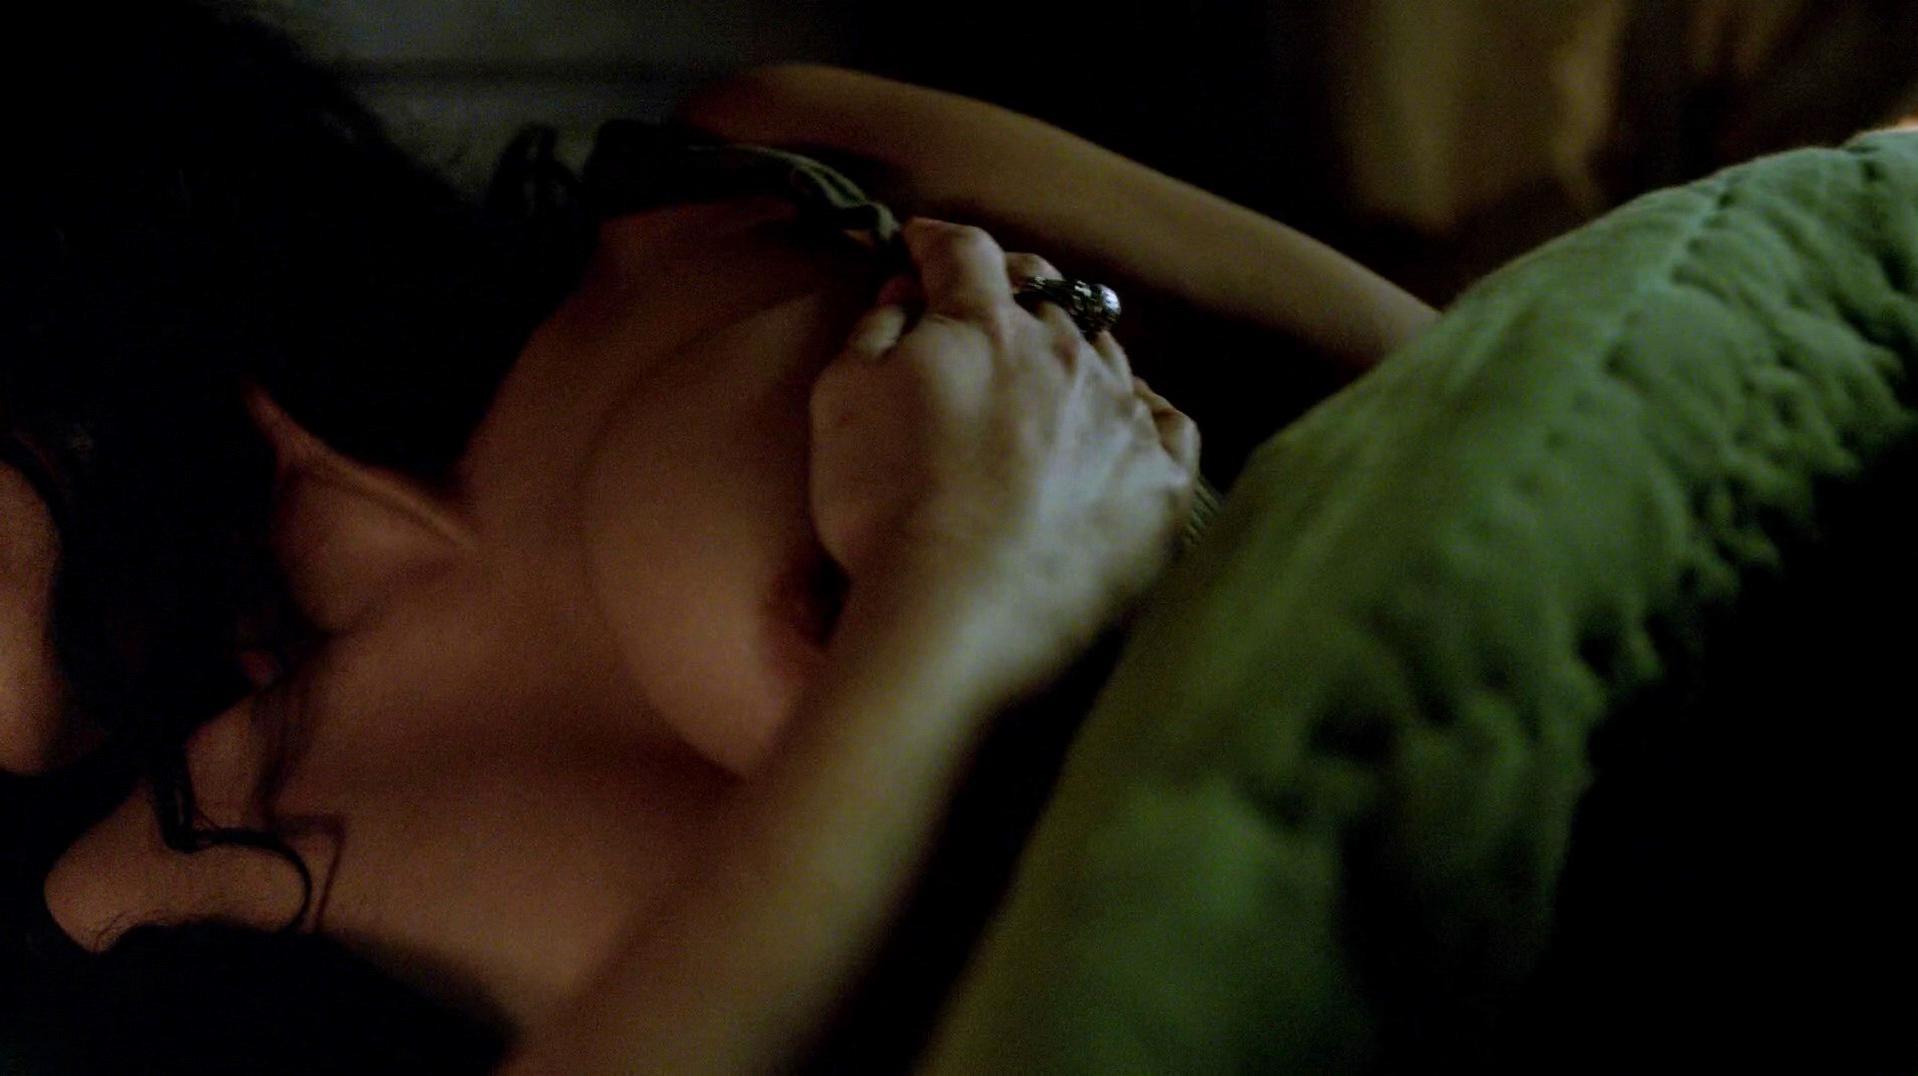 Jessica Parker Kennedy nude, Clara Paget sexy - Black Sails s02e02 (2015)